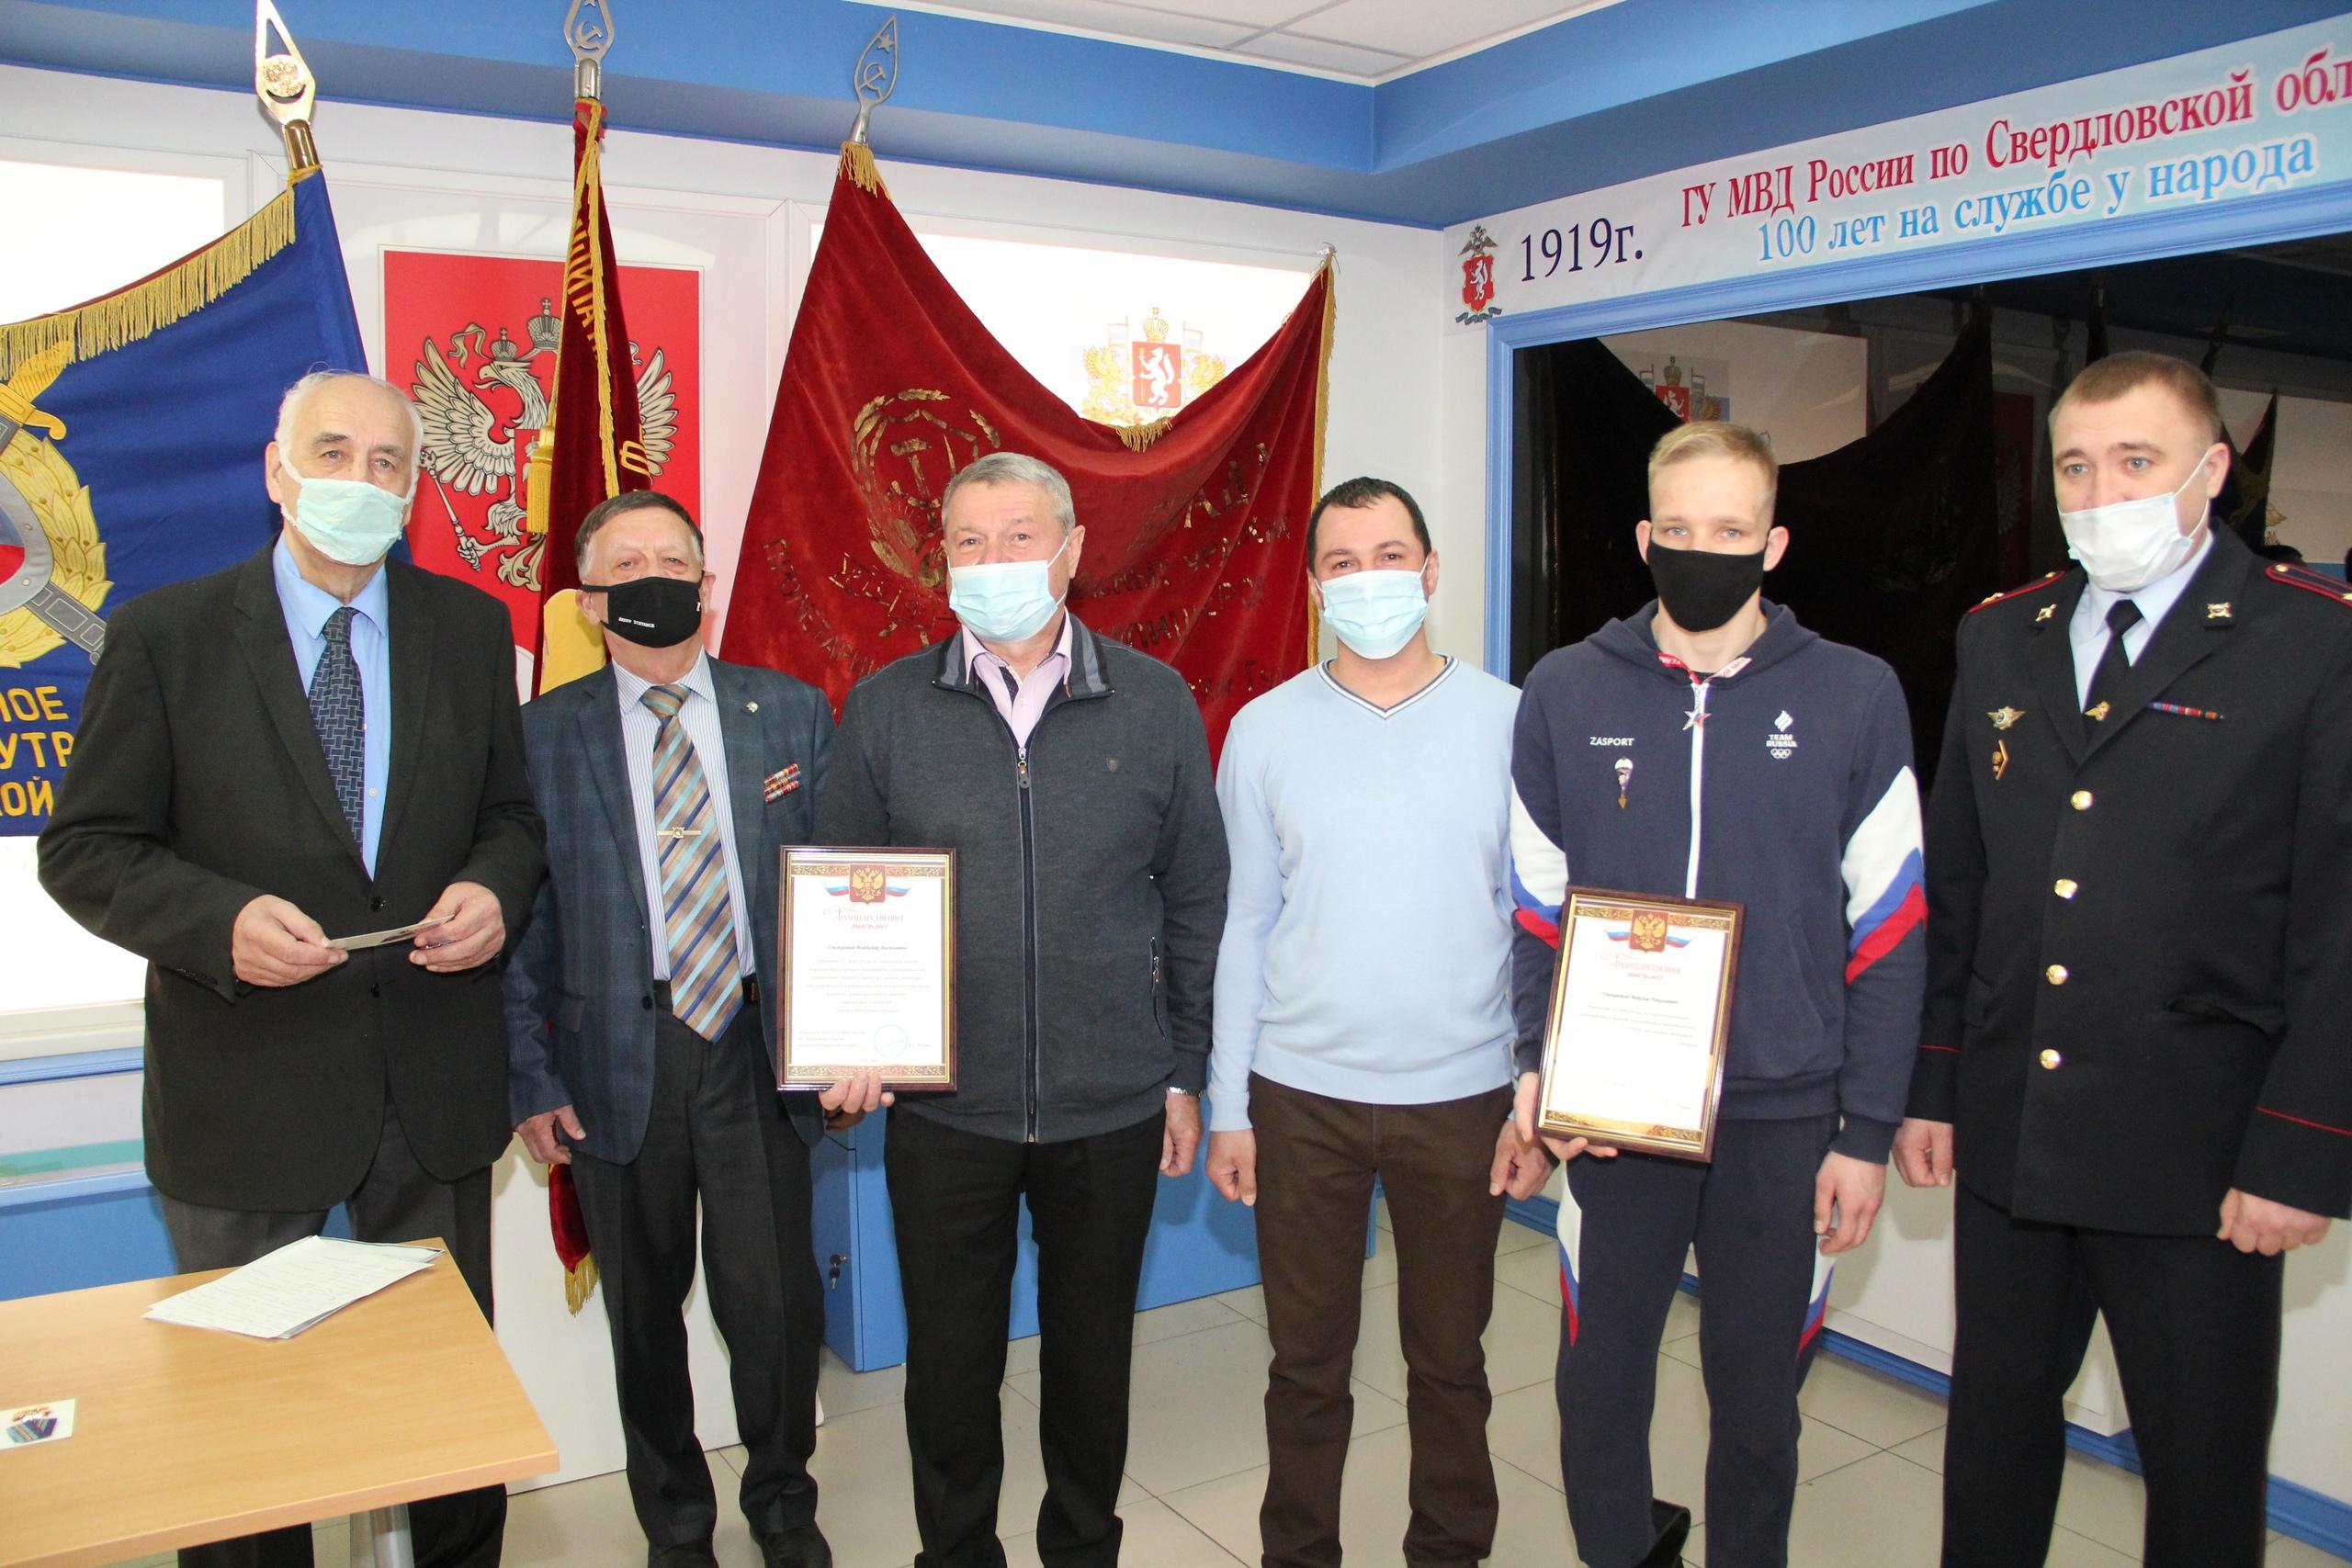 В Екатеринбурге наградили ветерана МВД и спортсмена, которые спасли школьницу